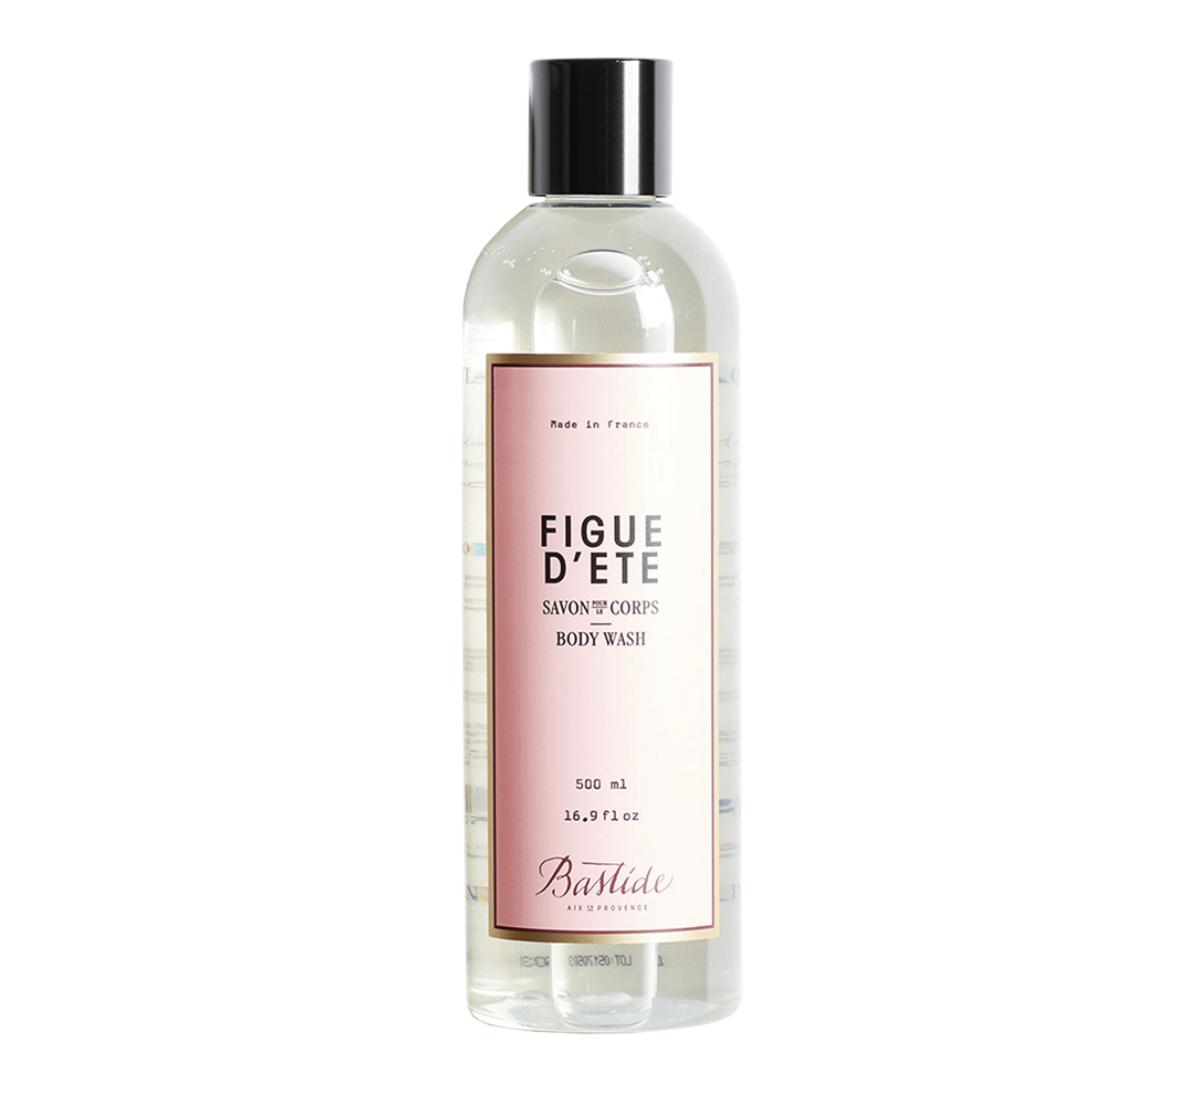 FIgue D'Été Body Wash,  $42